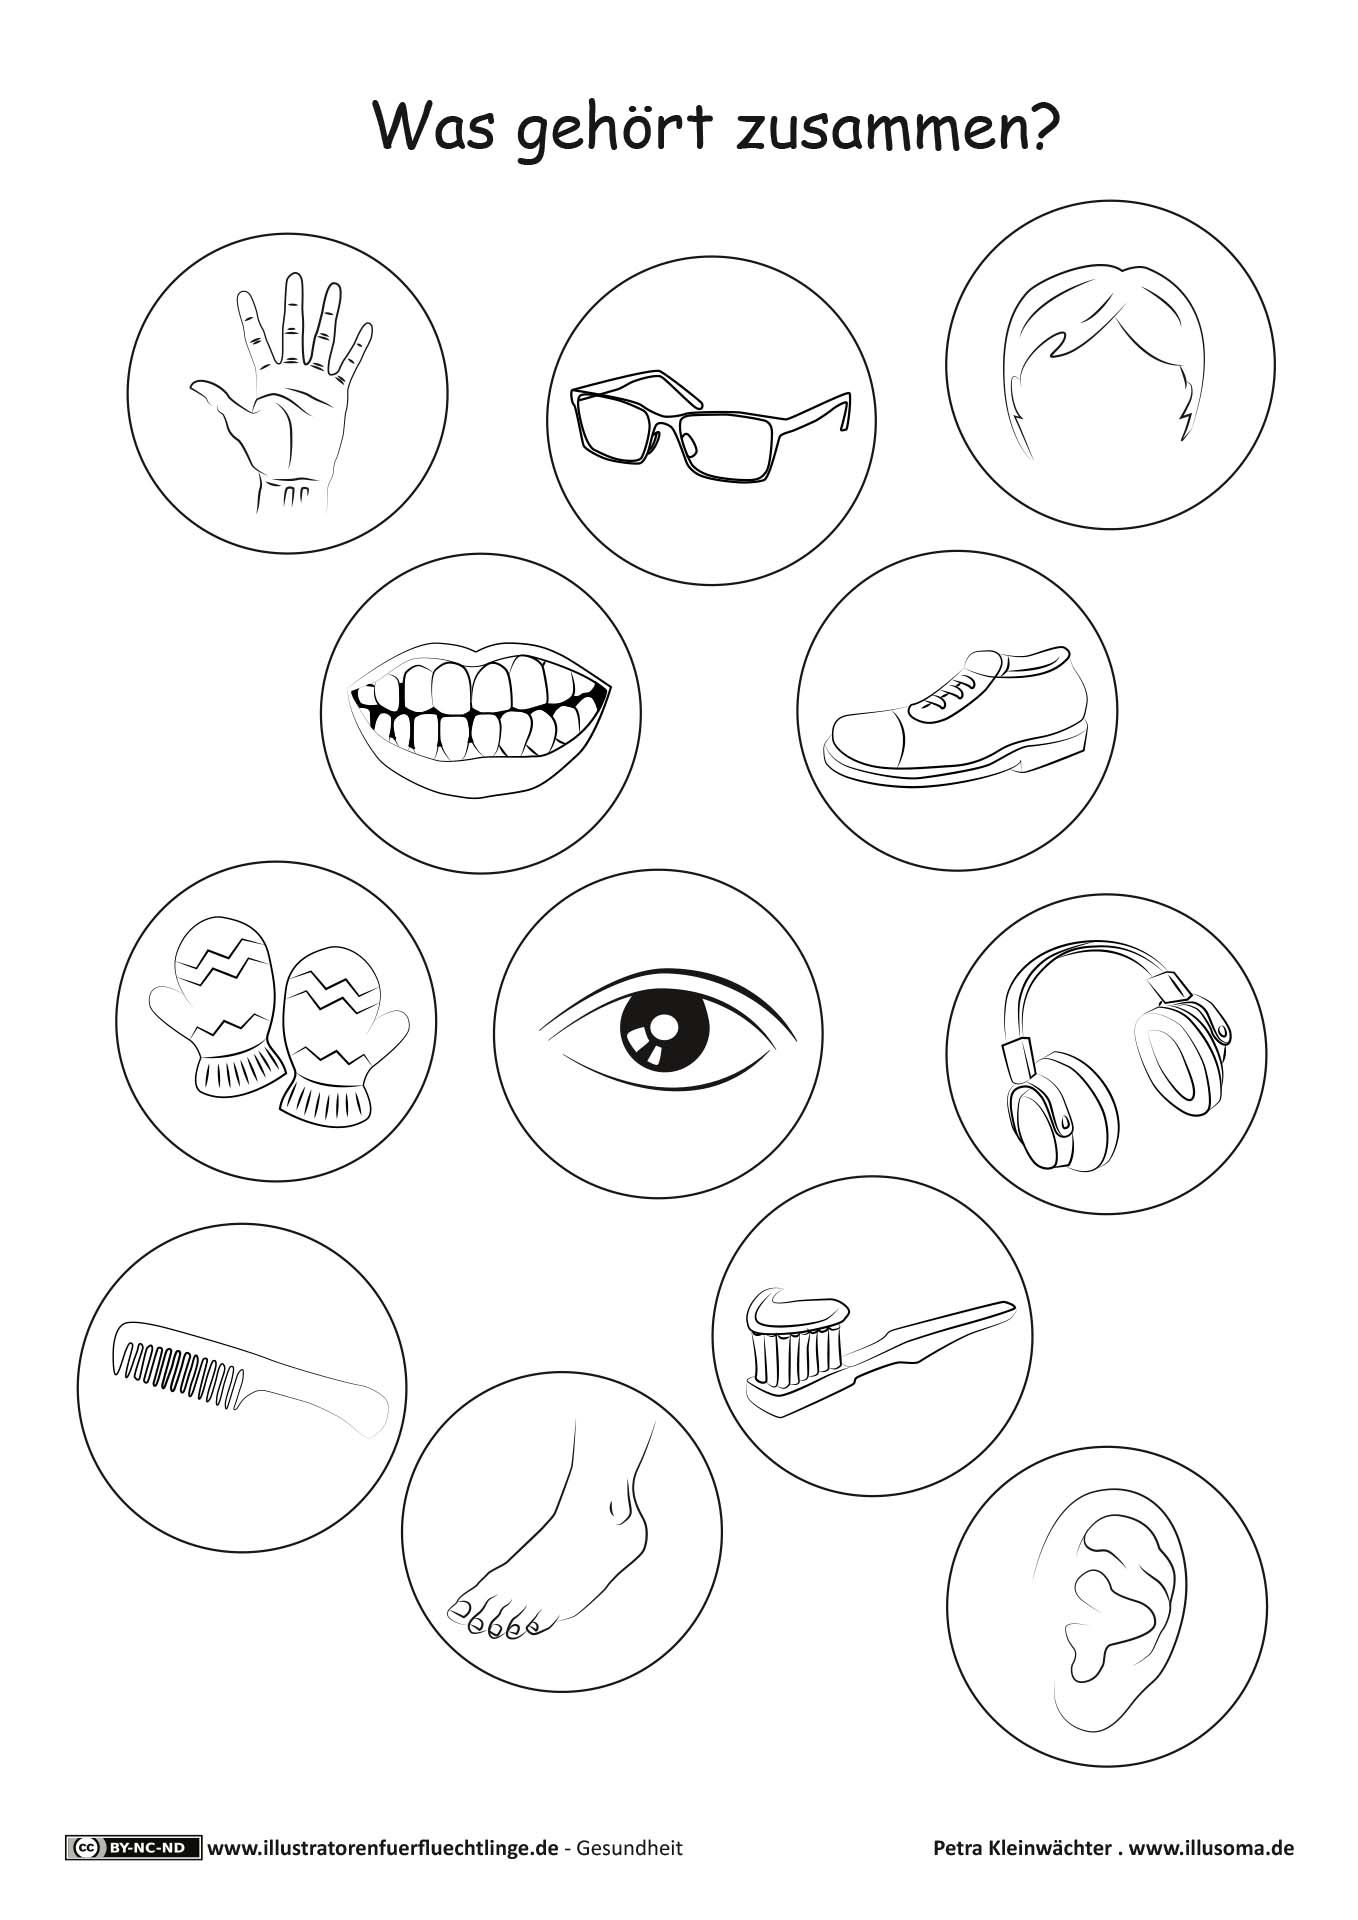 Download Als Gesundheit Korper Korperteile Ratespiel Kleinwachter